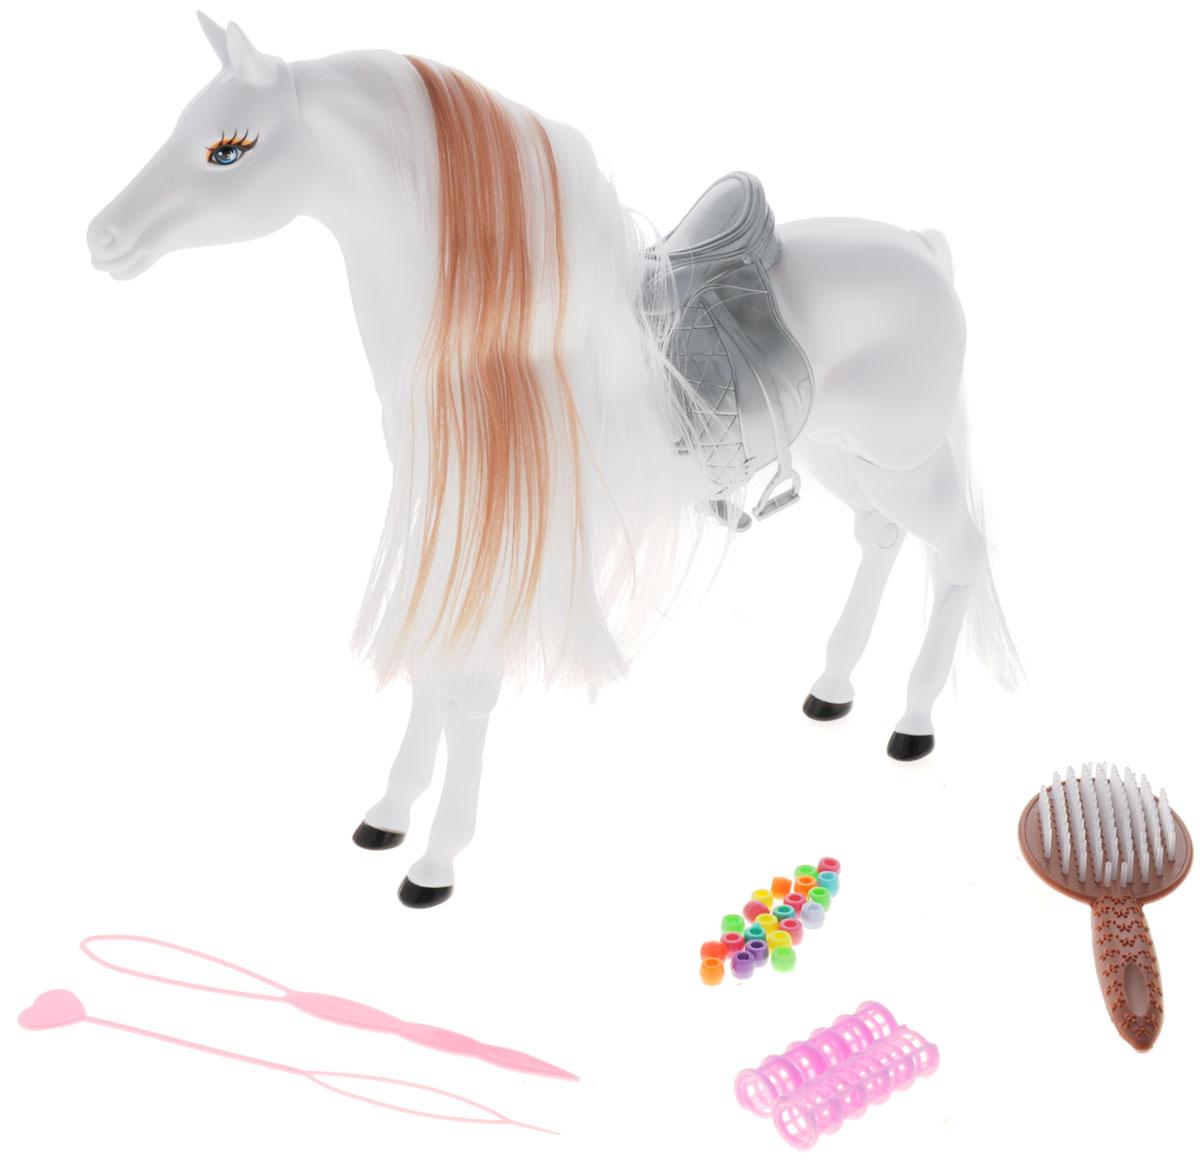 Defa Игрушка Лошадь цвет белый8011d_белыйИгрушка Defa Лошадь станет отличным подарком для девочки. Красивая белоснежная лошадка имеет шикарную белую гриву с шоколадной прядью, и длинный хвост, которые нуждаются в постоянном уходе. Для ухода за волосами лошадки и создания причесок в комплекте идут разнообразные украшения для волос, расческа, бигуди, 2 специальных инструмента. Цвет волос лошадки меняется под воздействием теплого воздуха, для этой цели можно использовать обычный фен. Голова, шея, конечности лошадки подвижны. Ваша малышка будет проводить многие часы за игрой с лошадкой. Сделайте ей такой замечательный подарок!